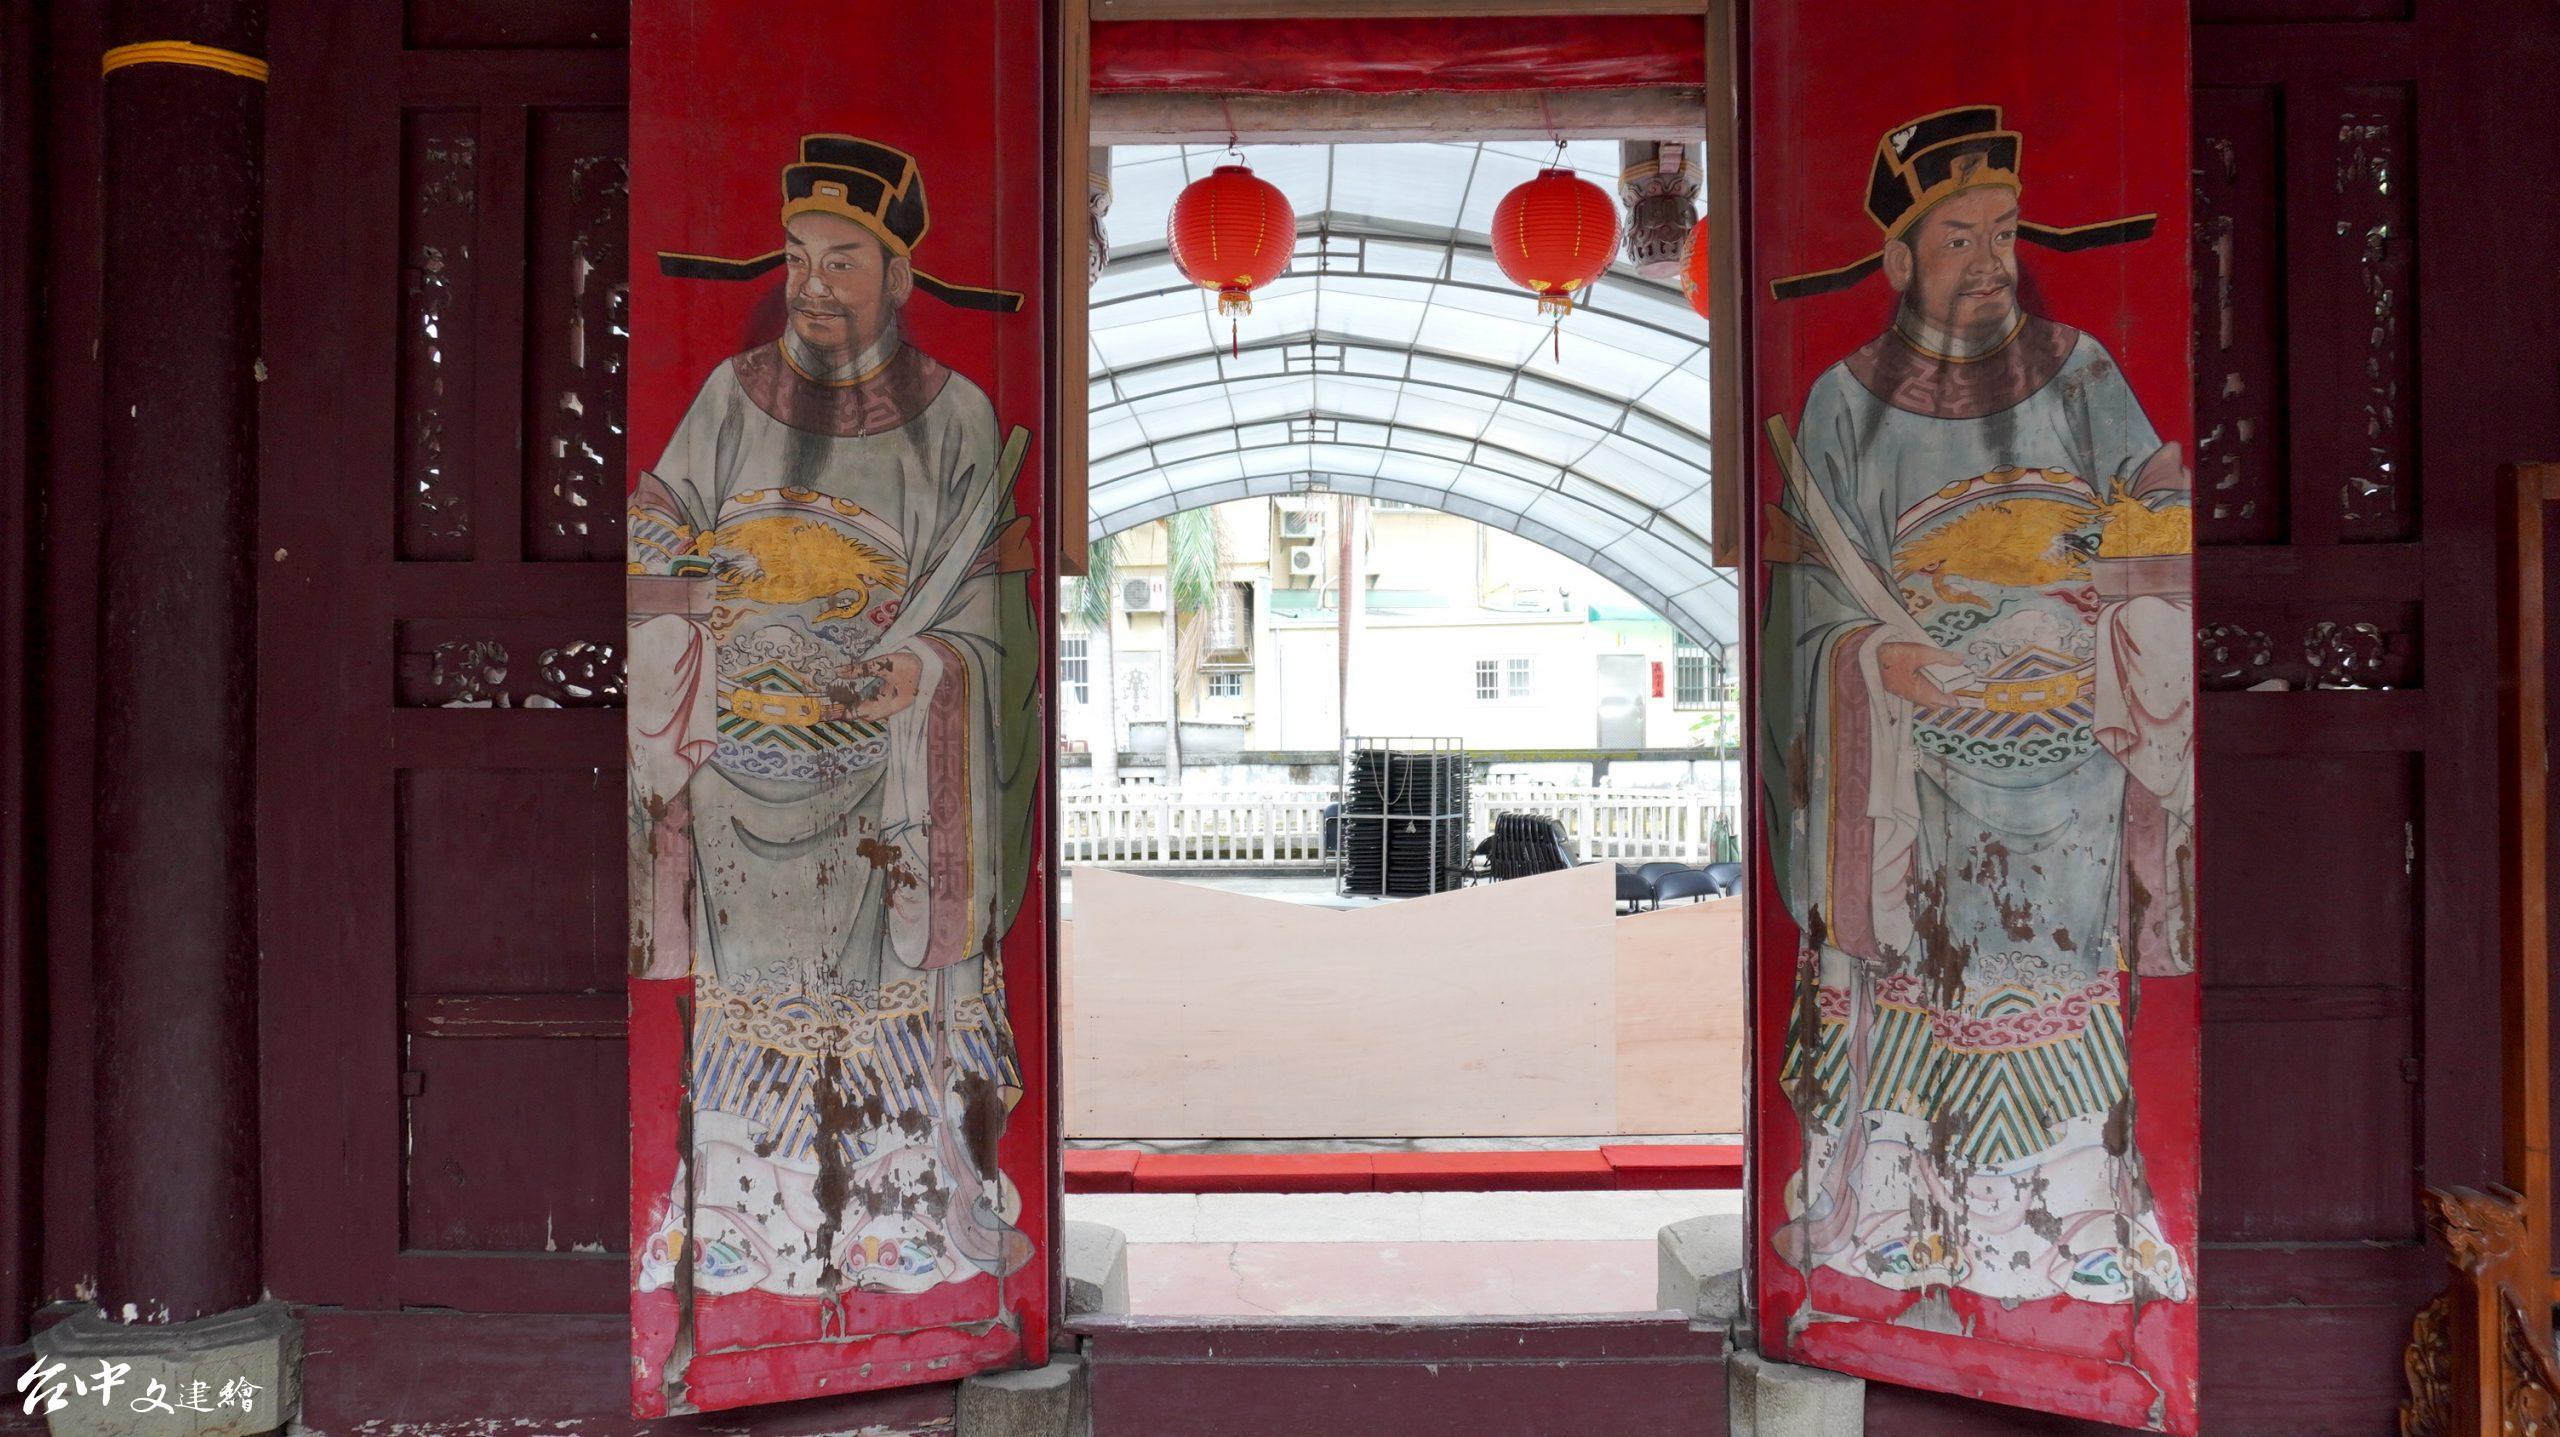 台中張廖家廟曾歷經二次整修,門神之前由彩繪匠師陳敦仁施作。(攝影:謝平平)